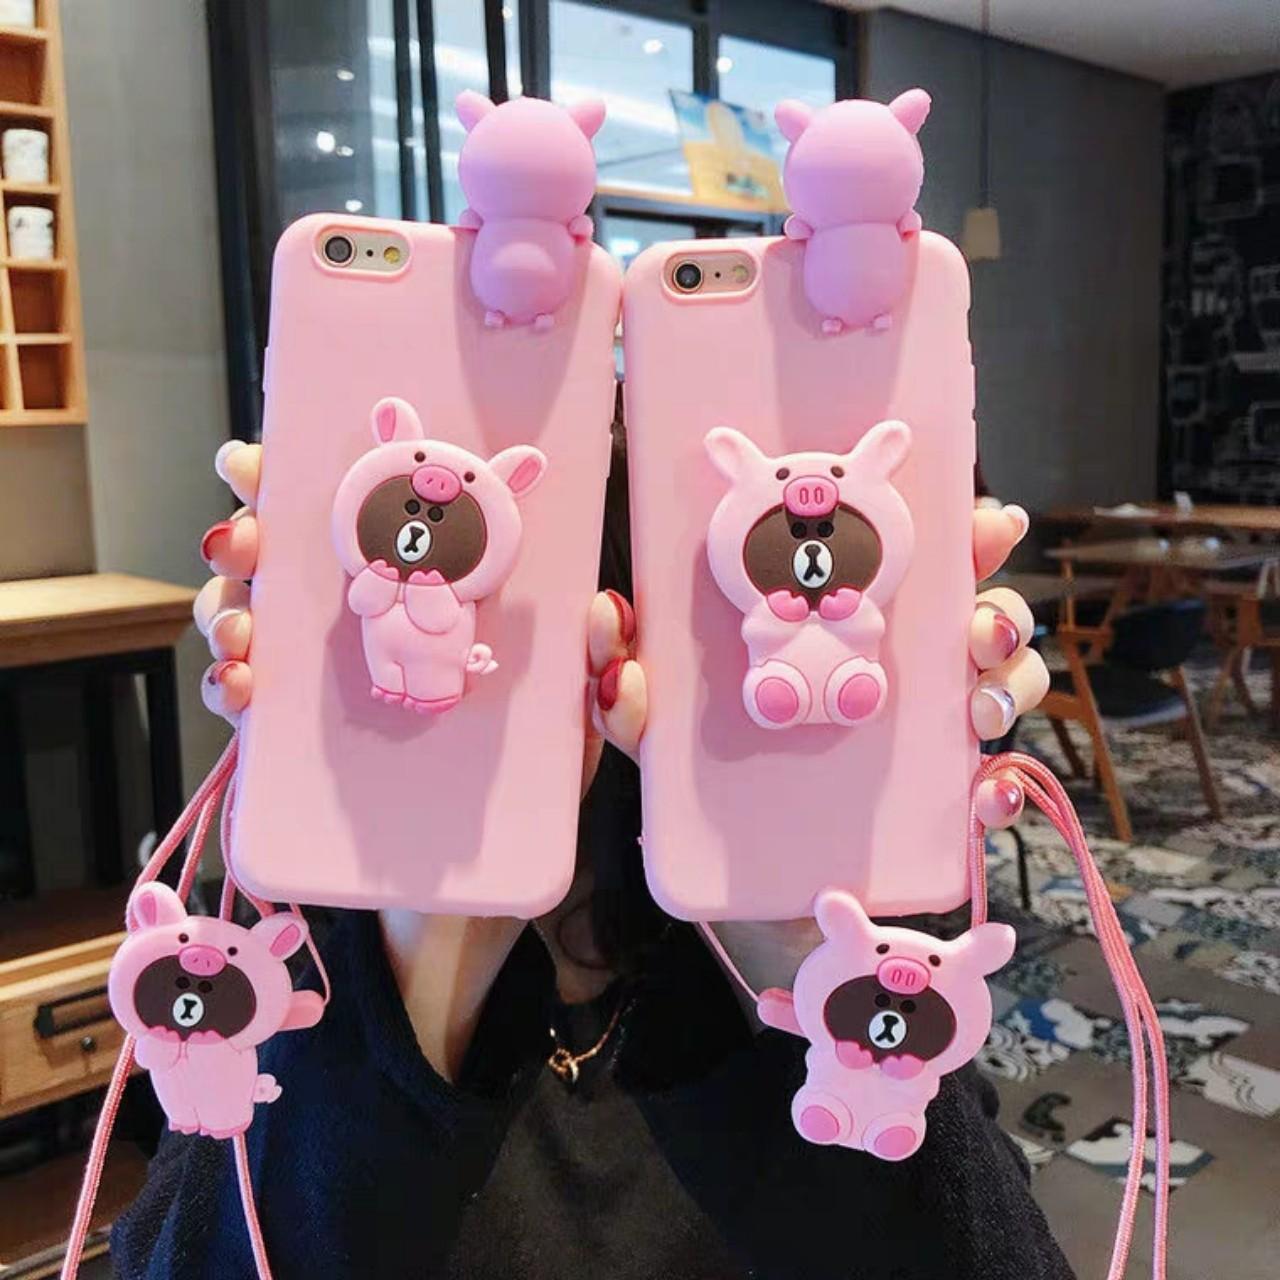 Giá Ốp lưng iphone 11,11 pro,11 pro max,5,5s,6,6s,6 plus,6s plus,7,8,7 plus,8 plus,X,XS,XR,XS Max dẻo hình thú leo tặng kèm giá đỡ và dây đeo